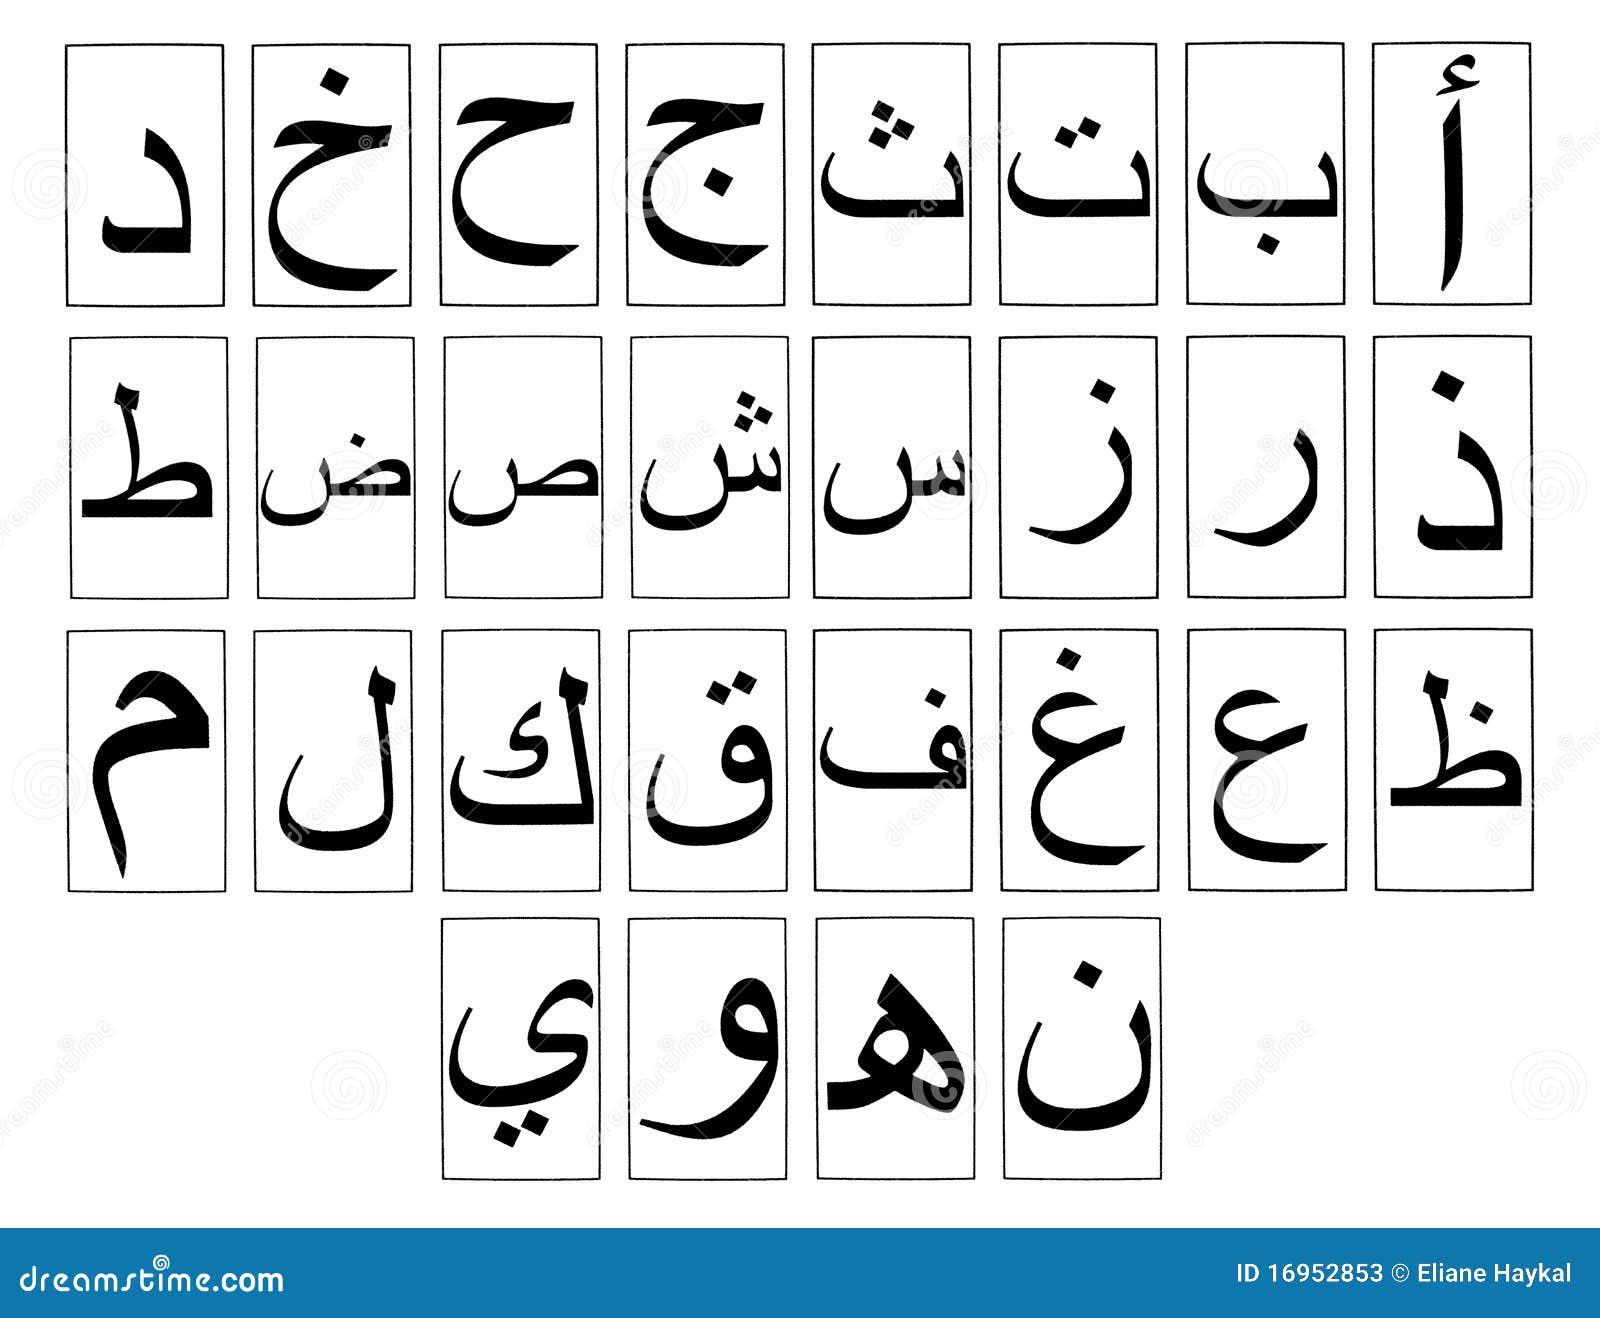 Horyzontalny abecadła język arabski